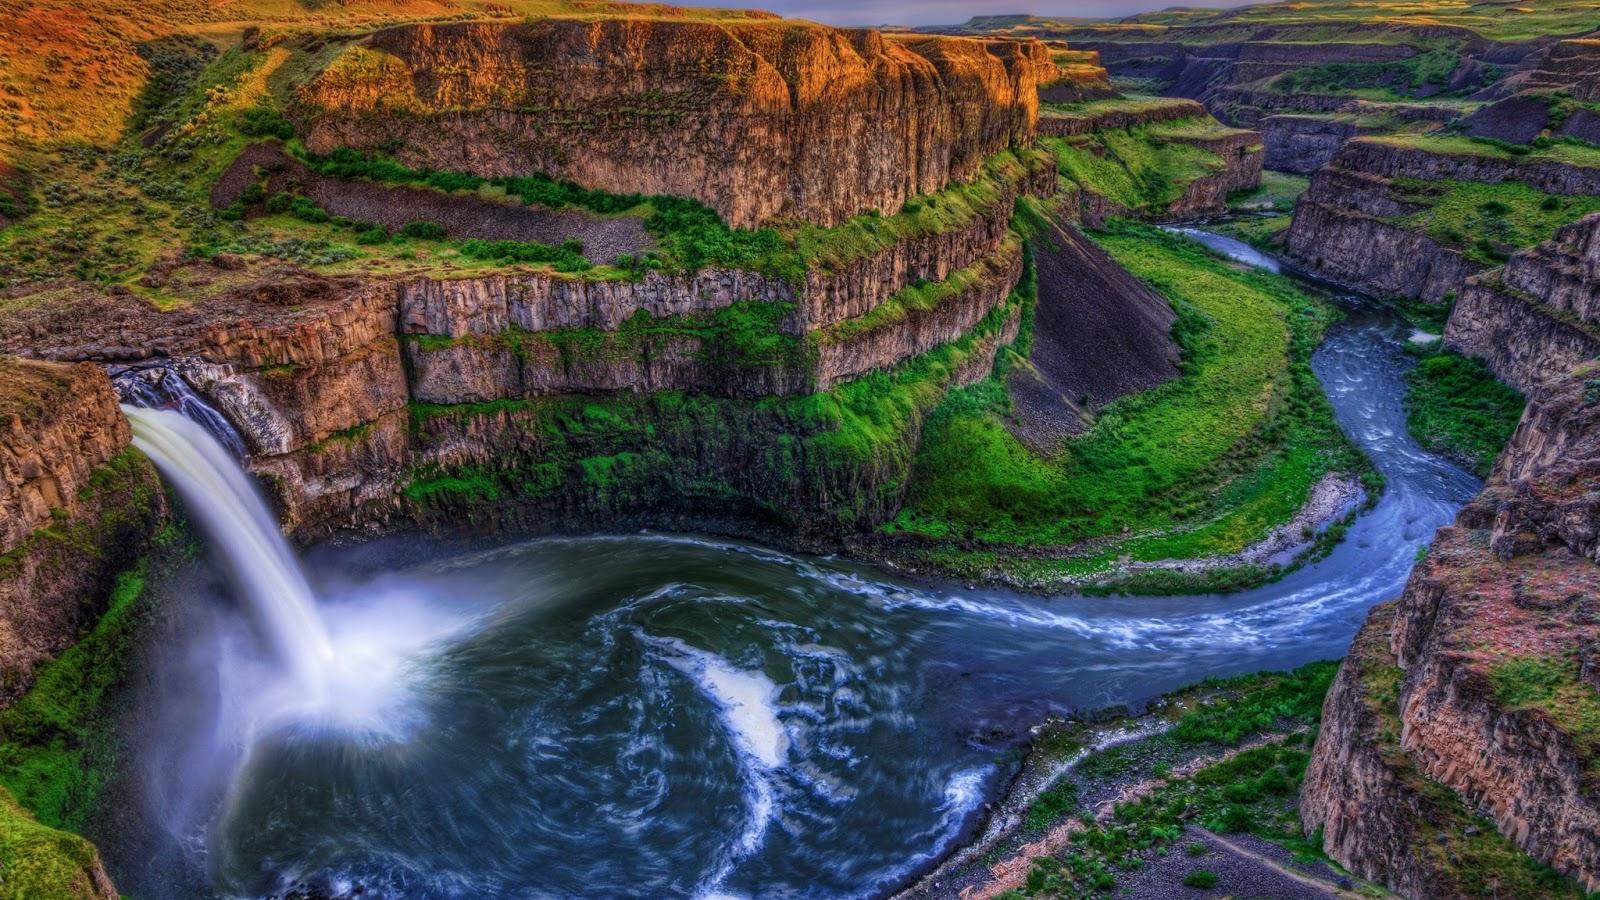 River Wallpaper HD